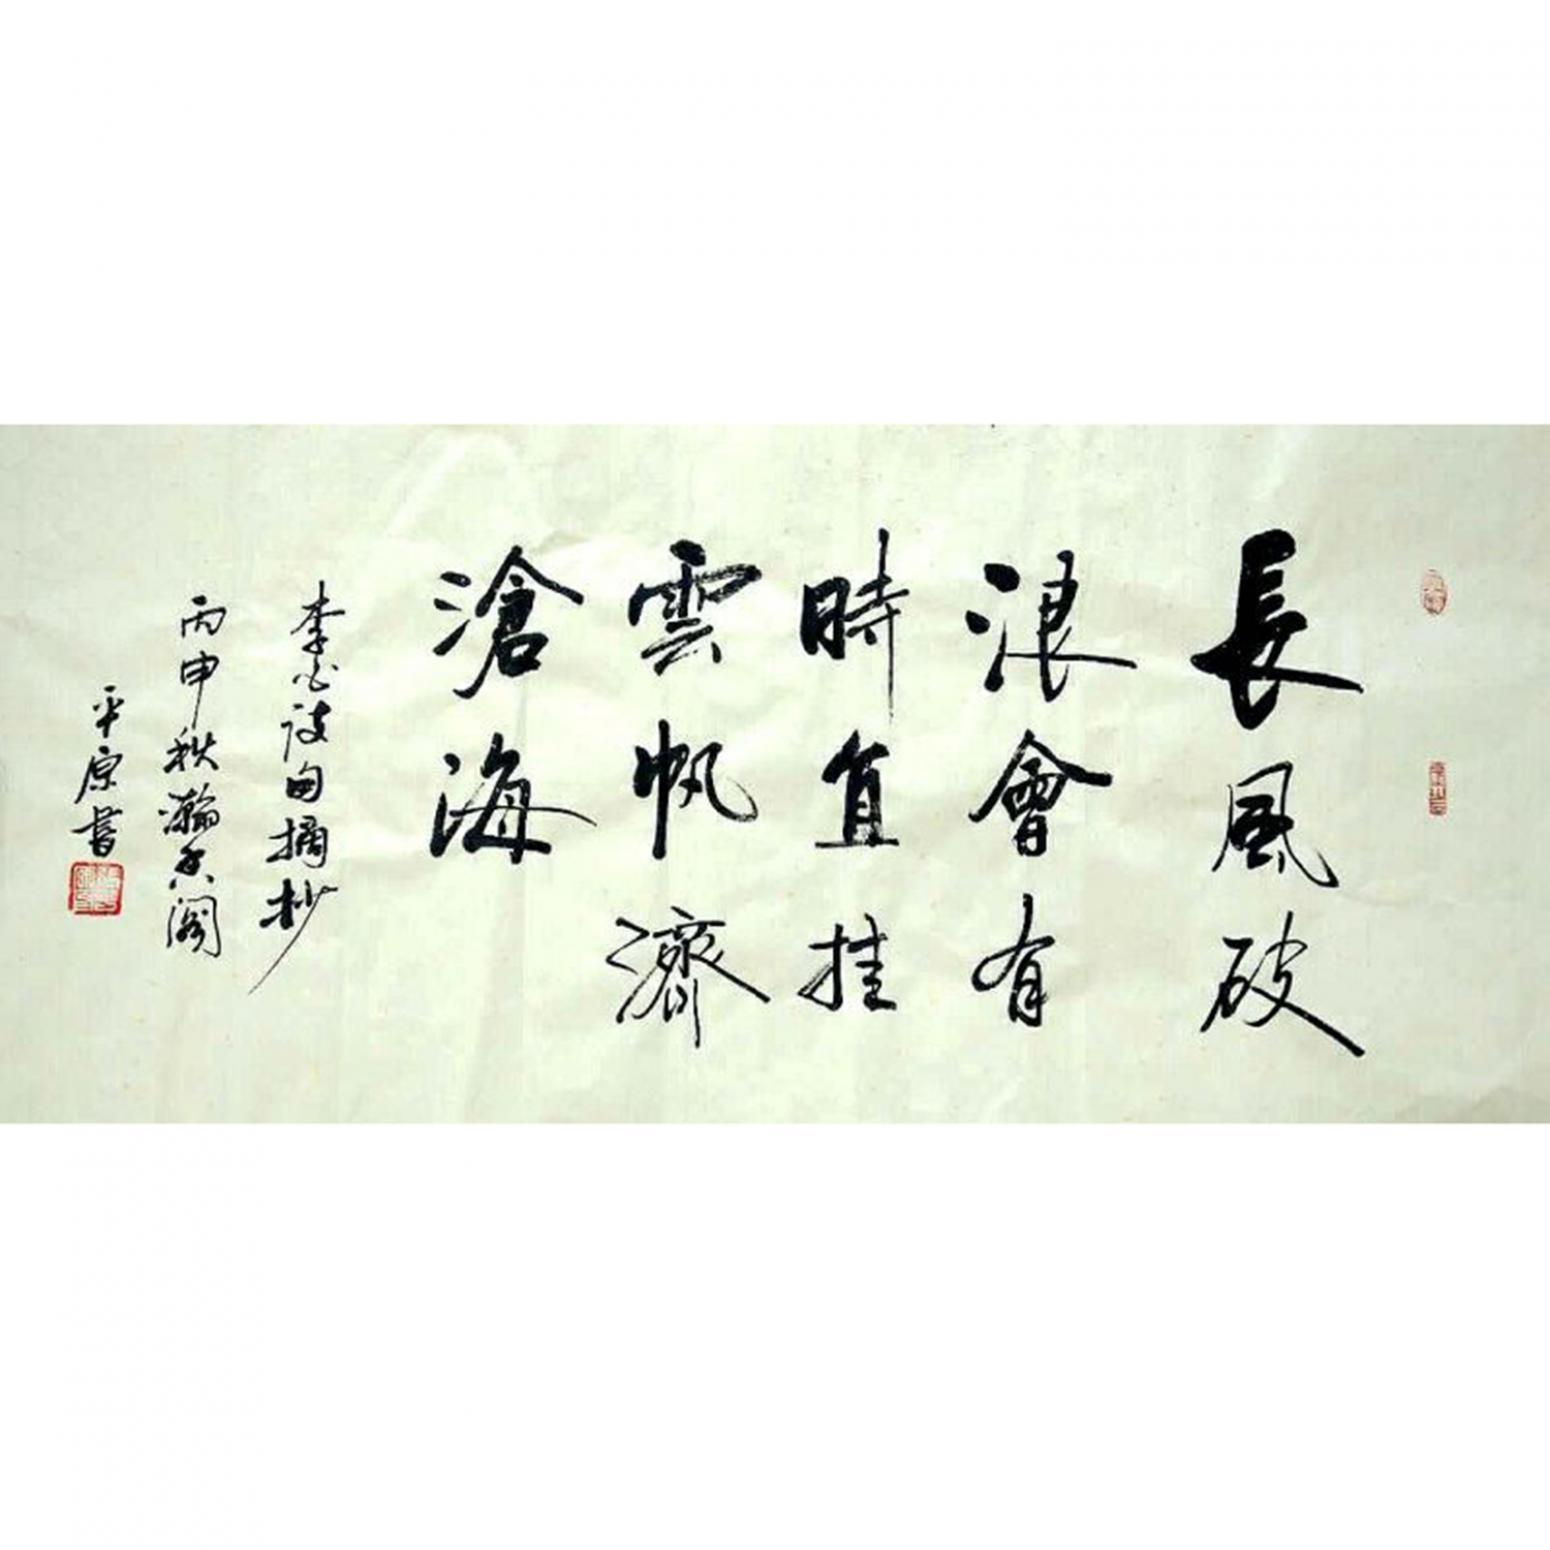 张平原书法作品《【长风破浪】作者张平原》